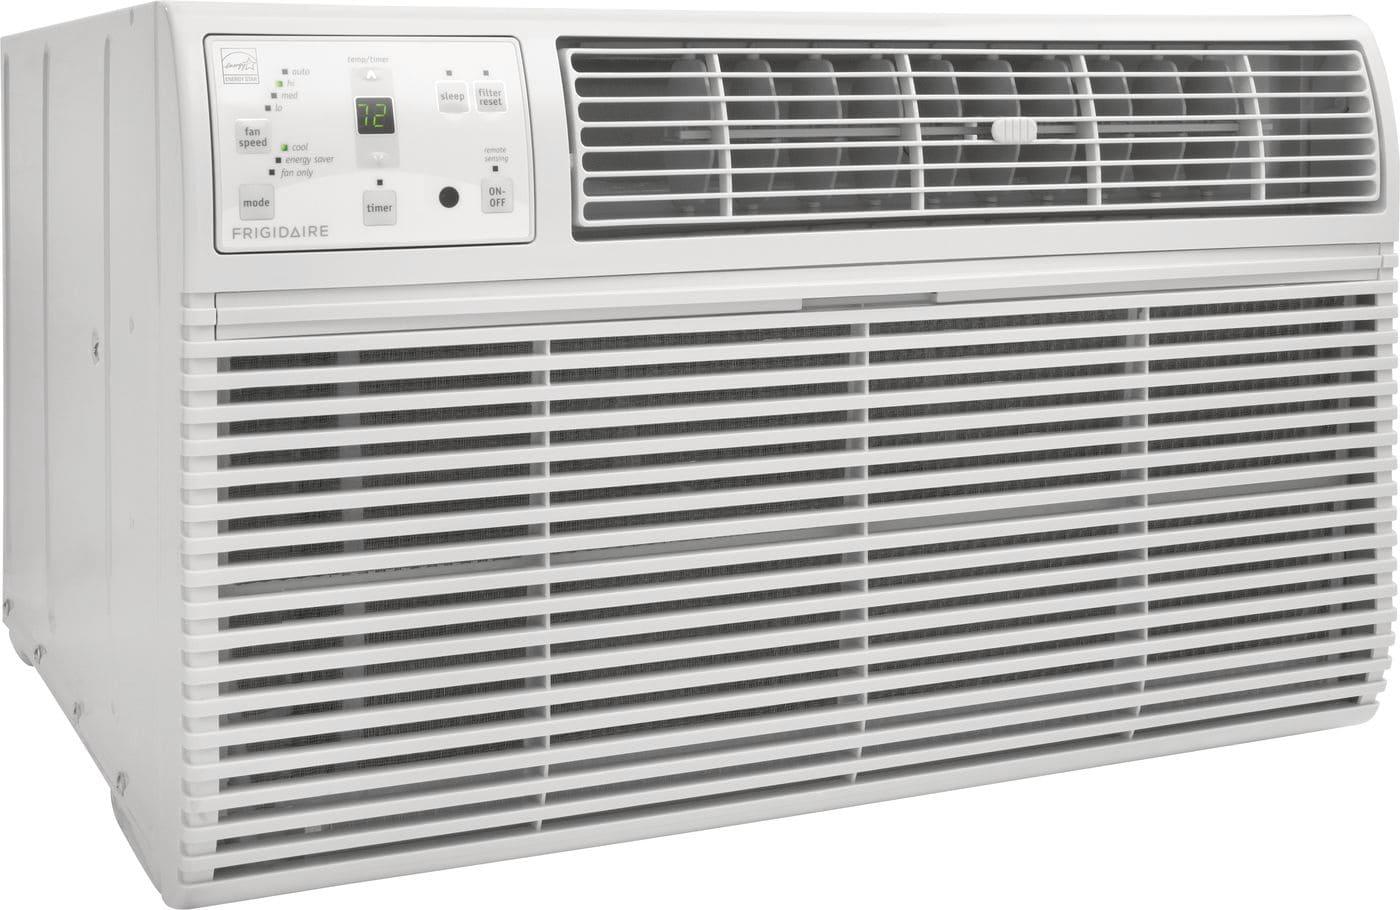 Model: FFTA1233Q1 | Frigidaire 12,000 BTU Built-In Room Air Conditioner